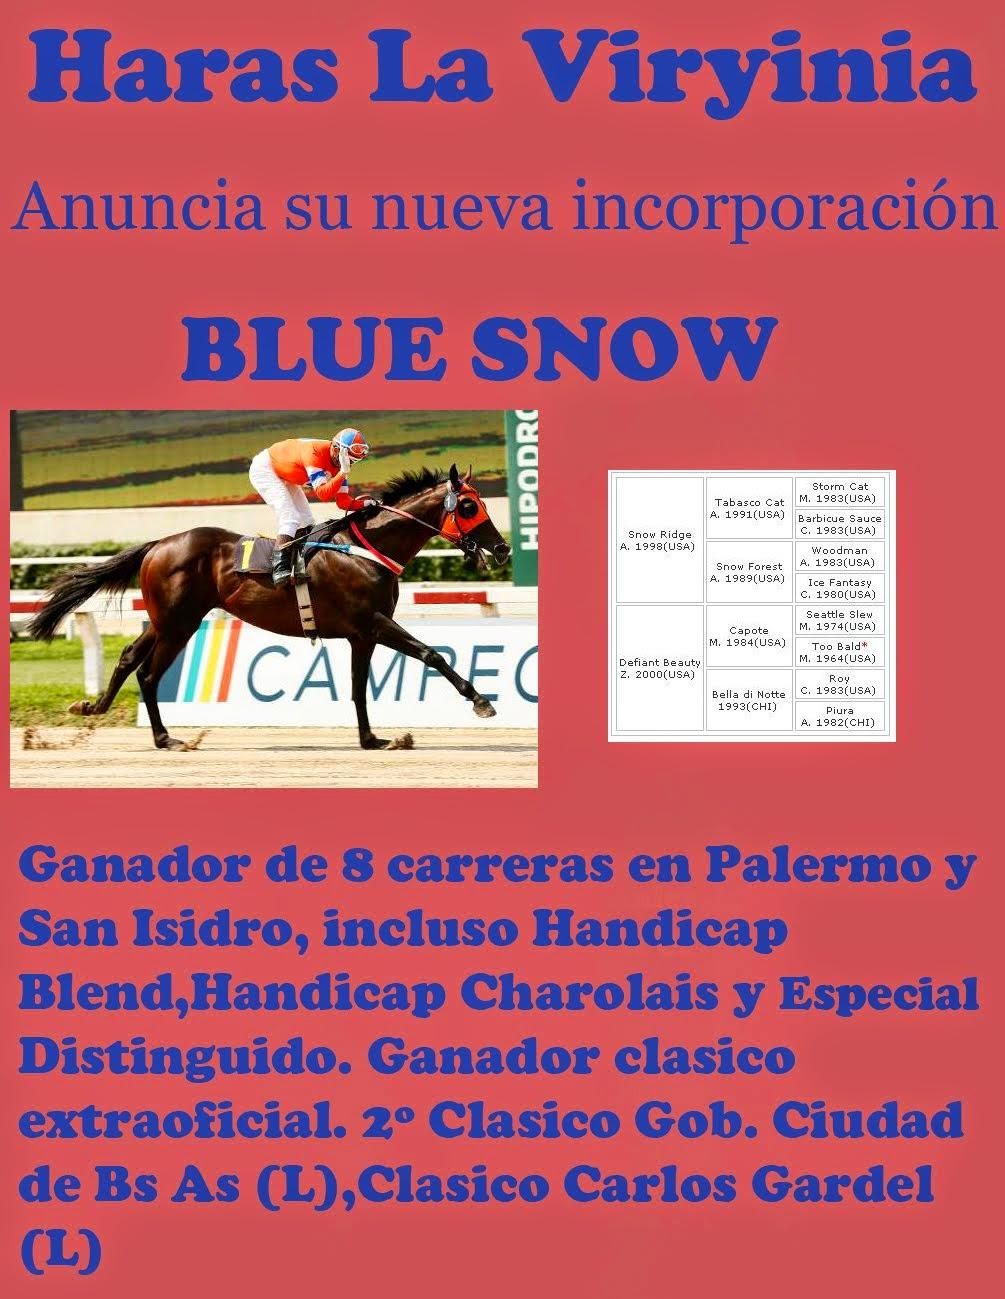 BLUE SNOW 1